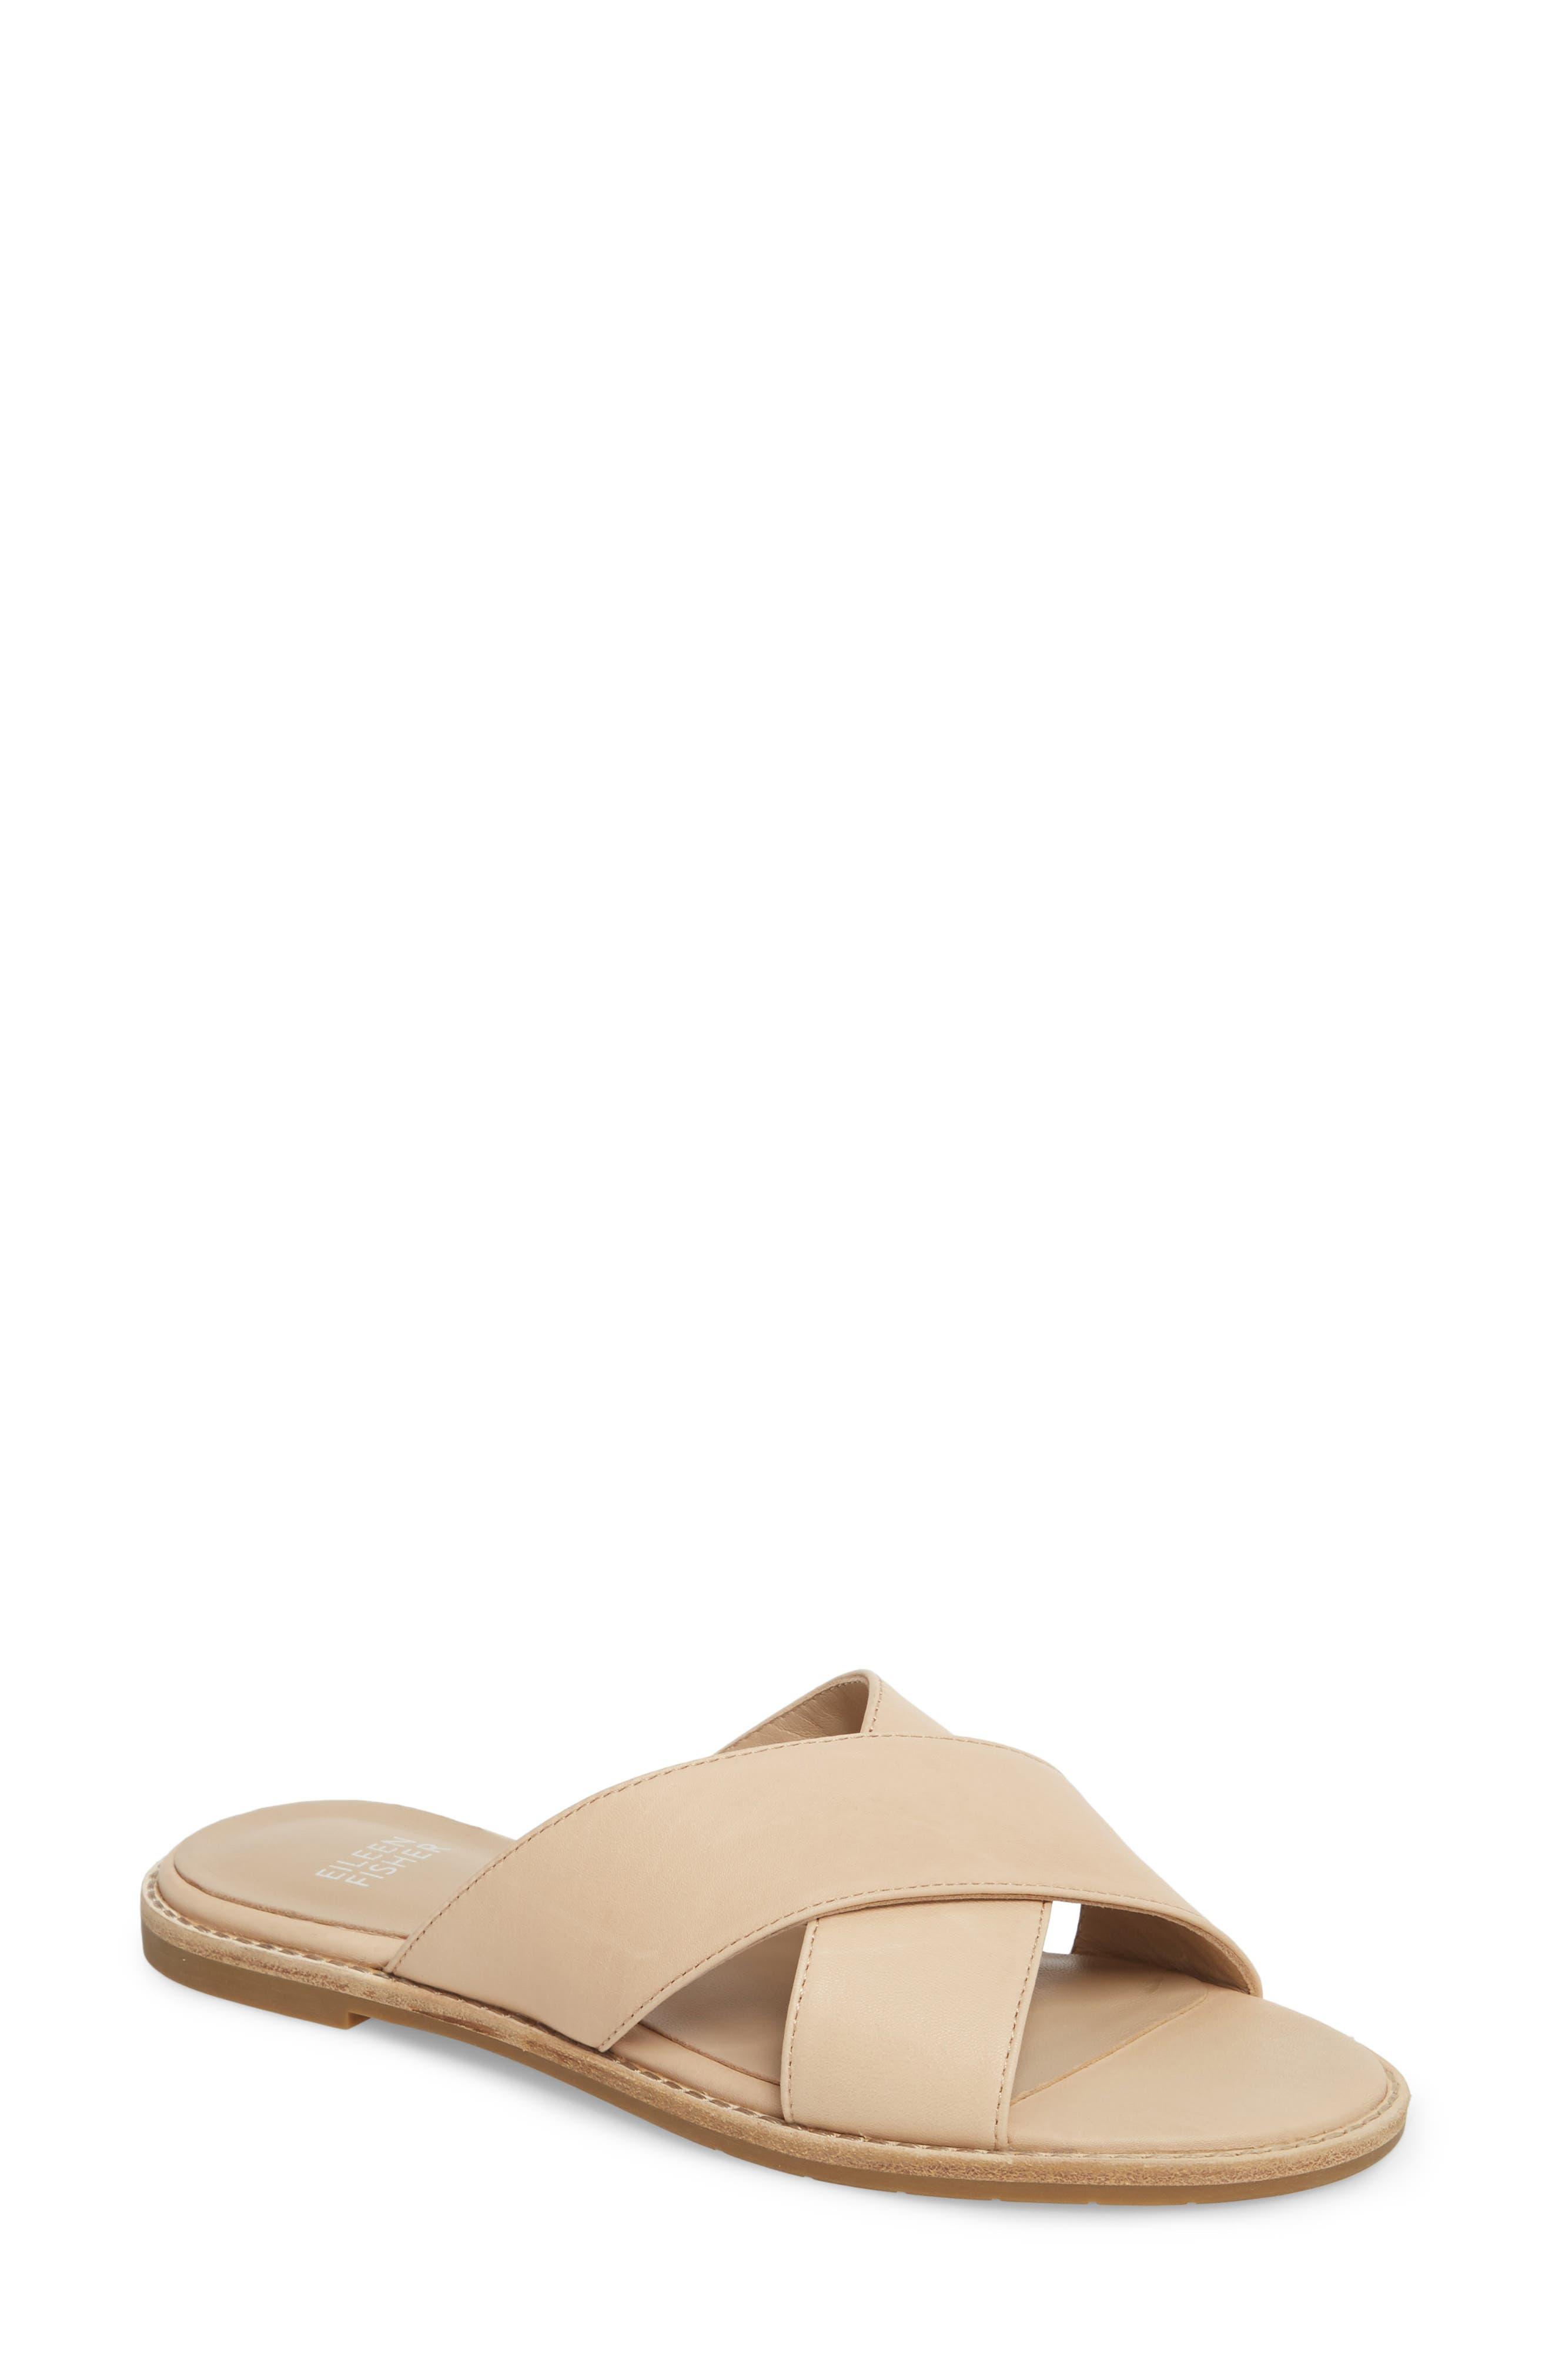 Cape Slide Sandal,                             Main thumbnail 1, color,                             Desert Leather